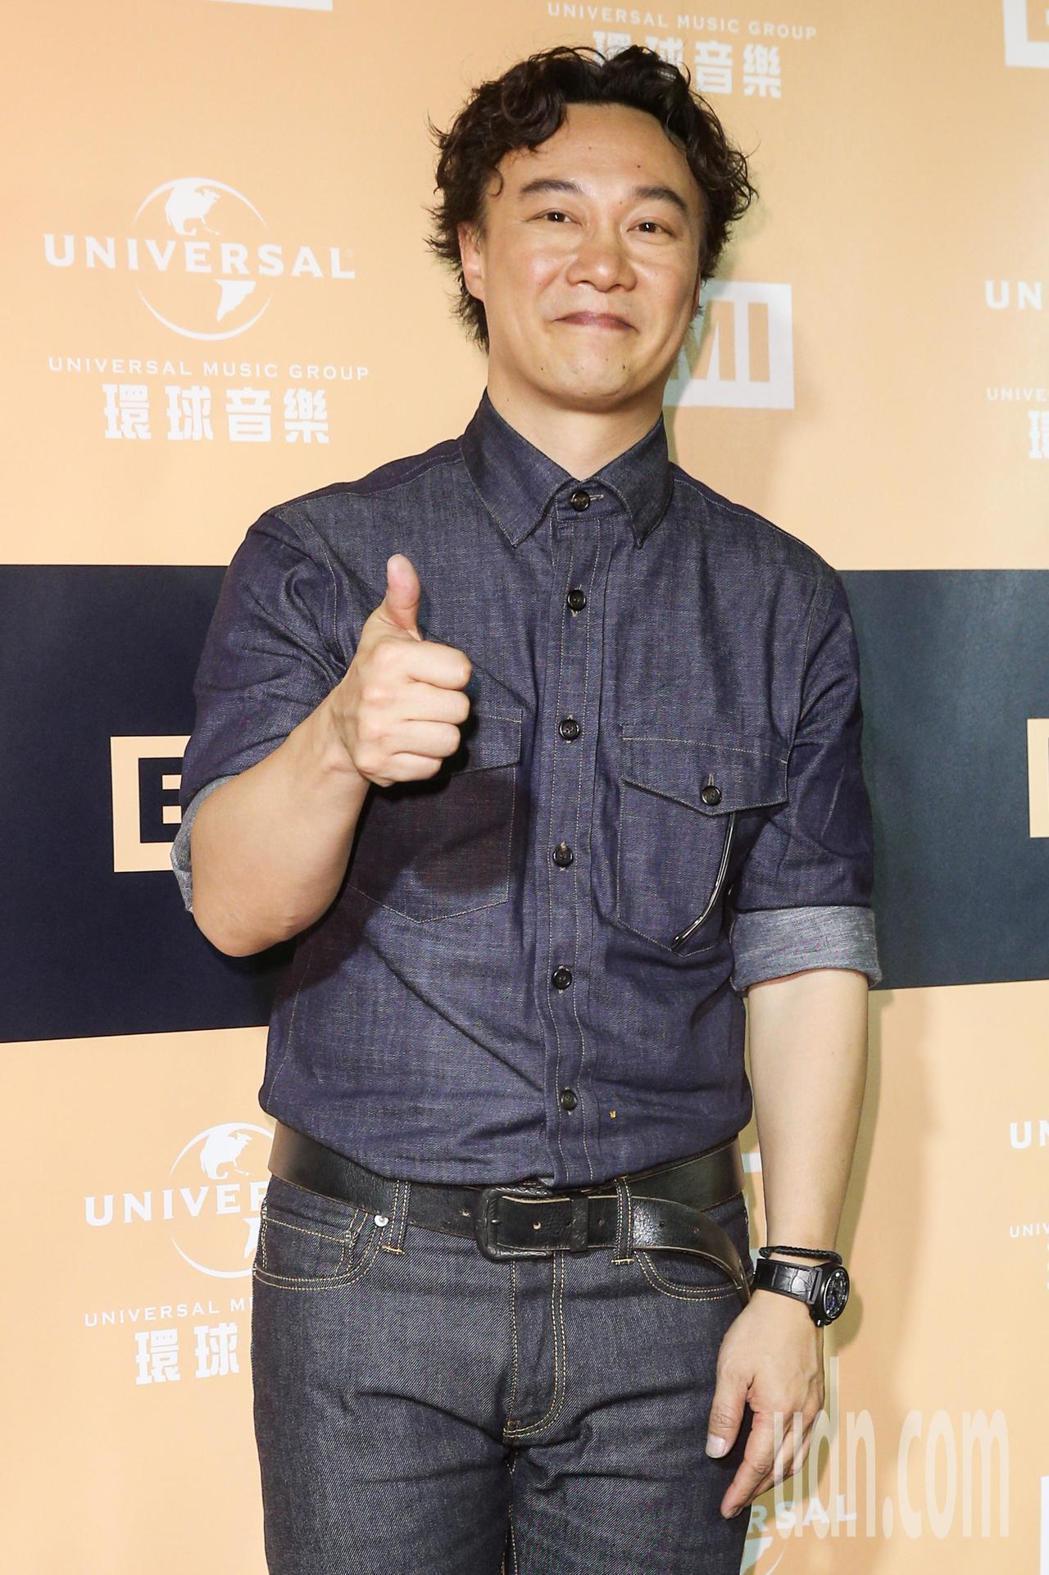 陳奕迅在金曲獎第三度封王,典禮後出席環球音樂慶功宴。記者林伯東/攝影